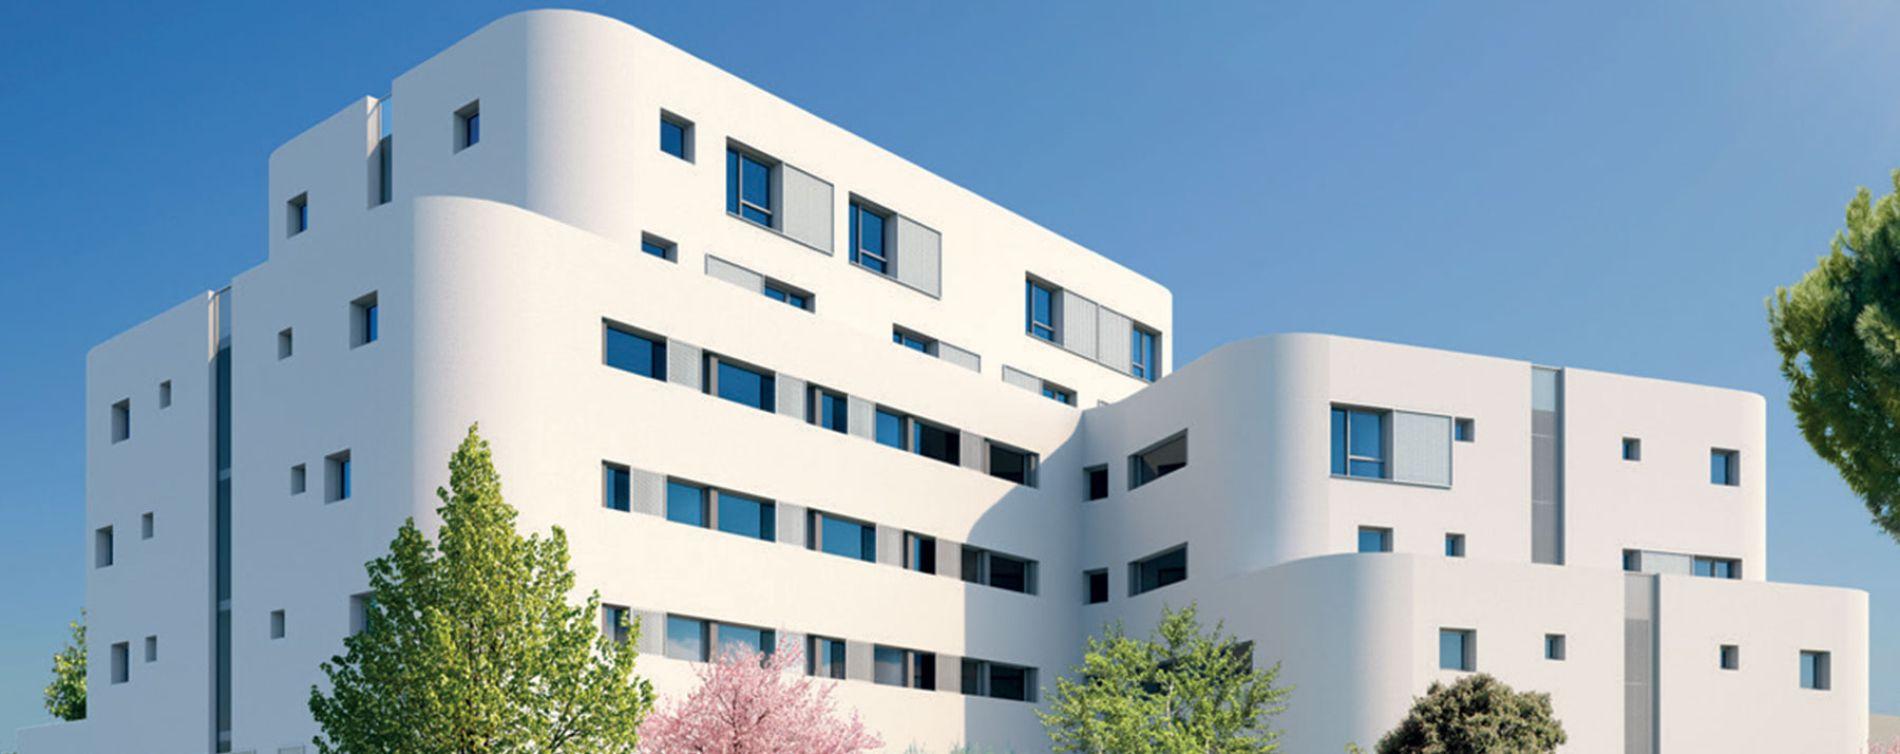 Résidence Axone à Montpellier